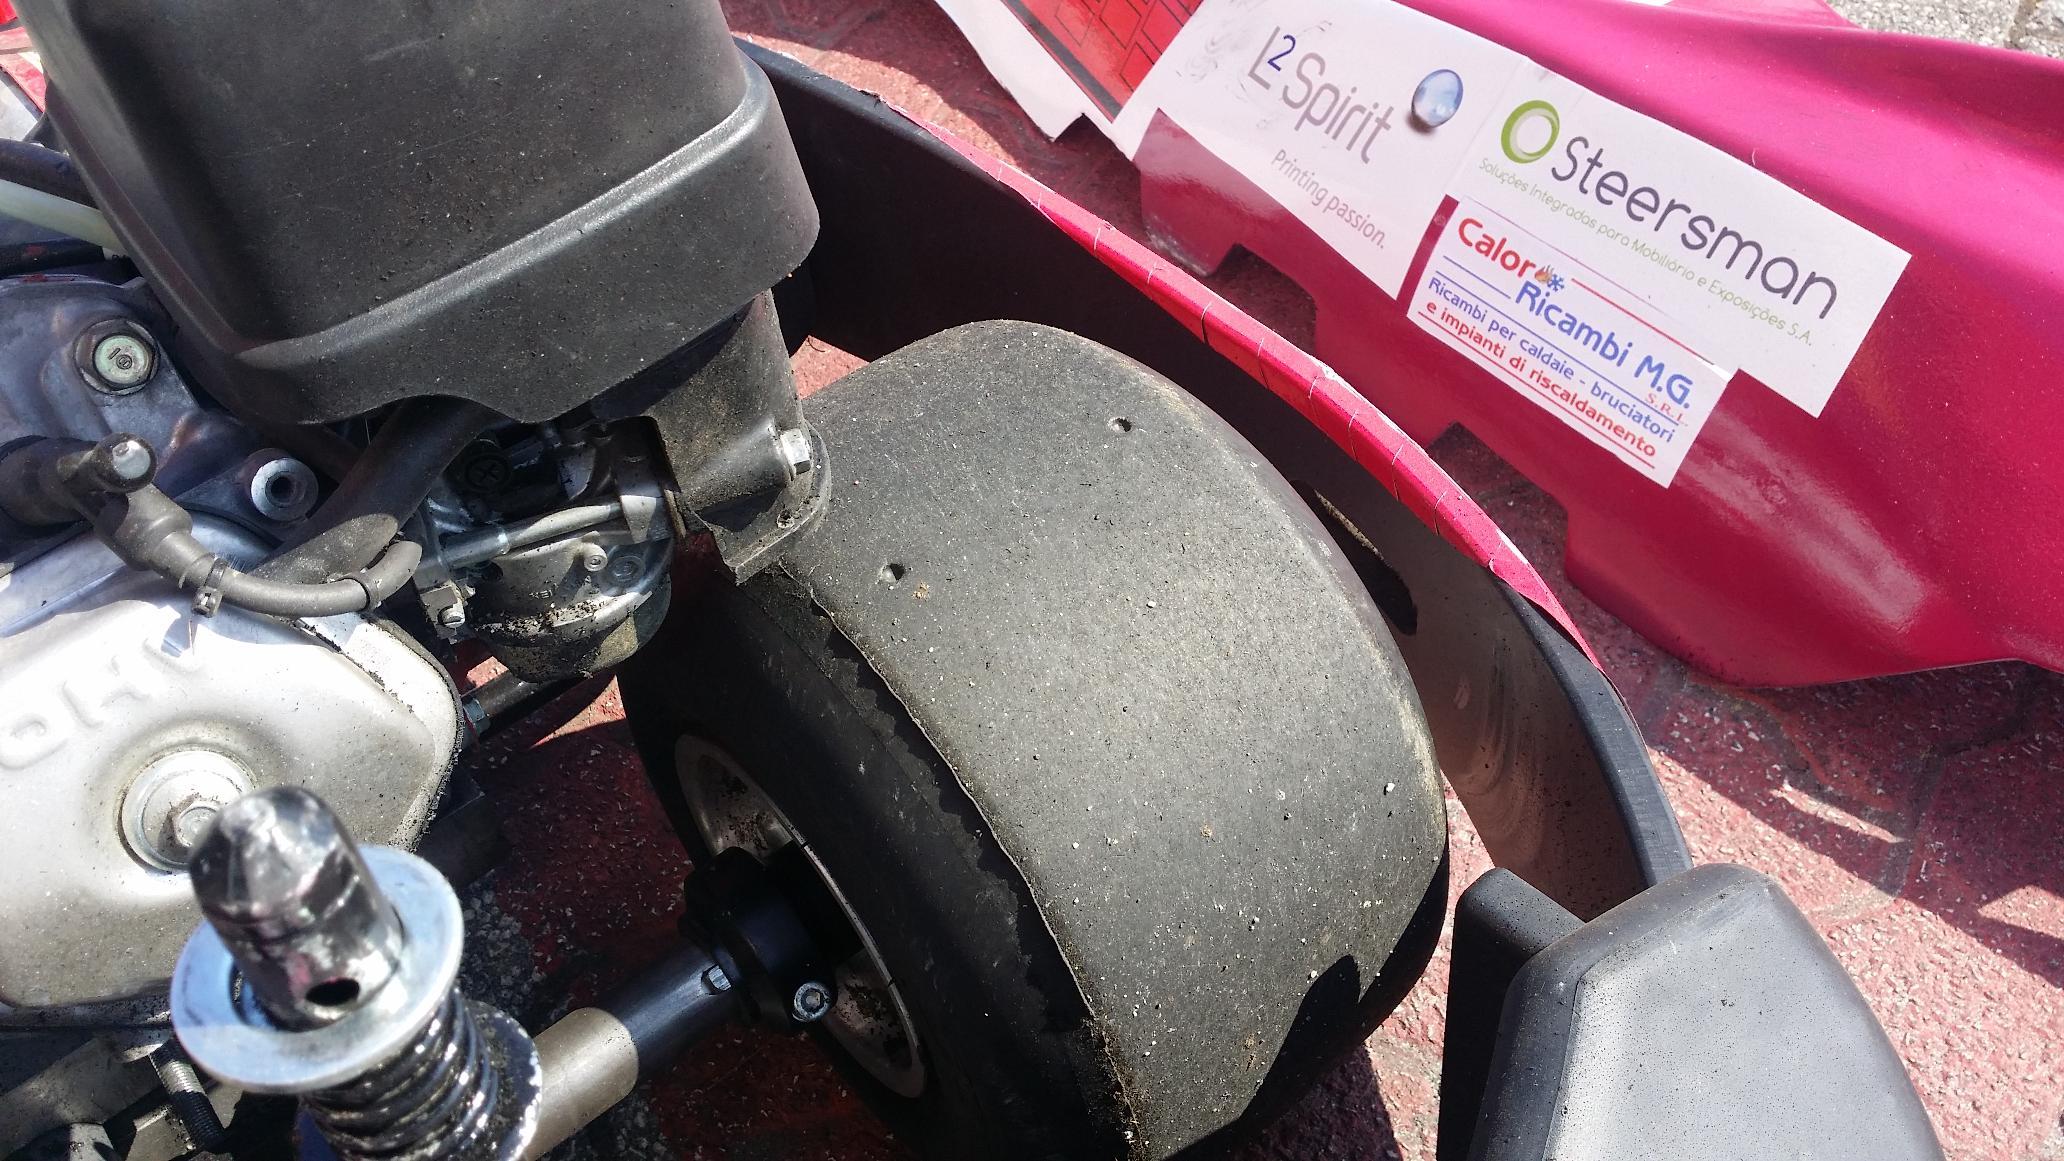 No final os karts e os pneus ficaram assim0